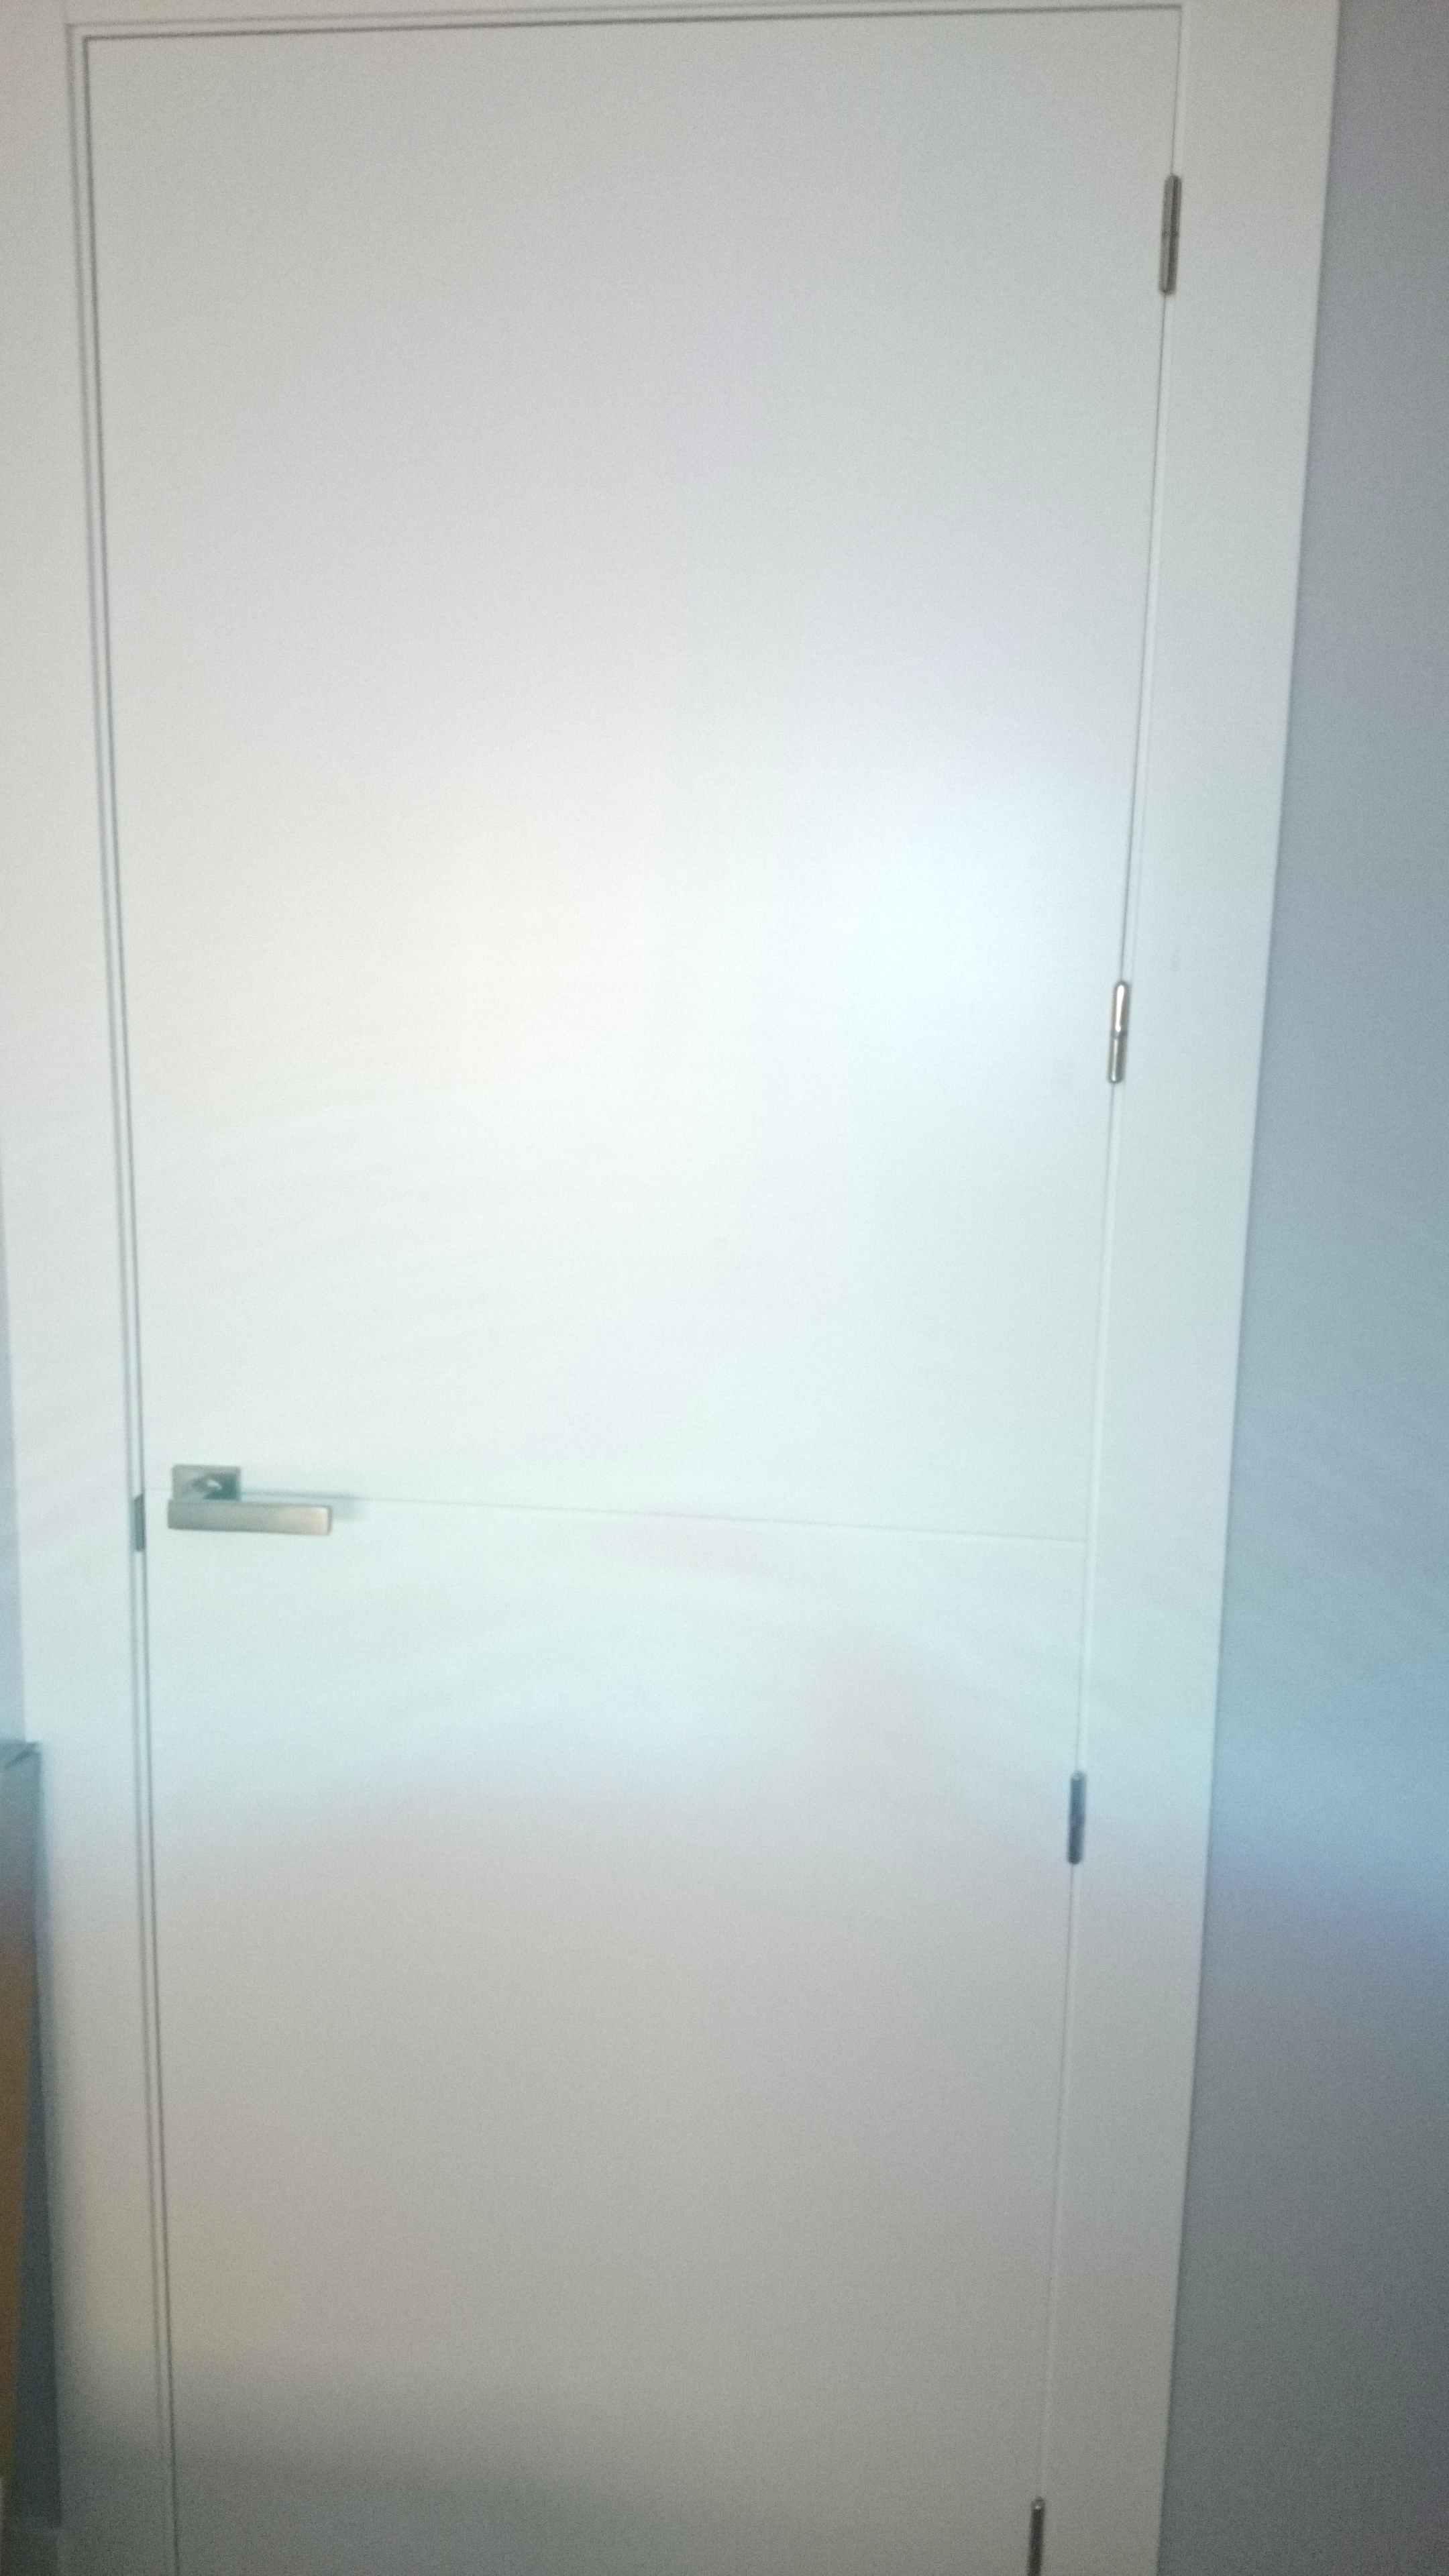 Pintar Puertas Lacadas Trendy Puertas Lacadas De Blanco With  ~ Puertas Blancas Lacadas O Pintadas